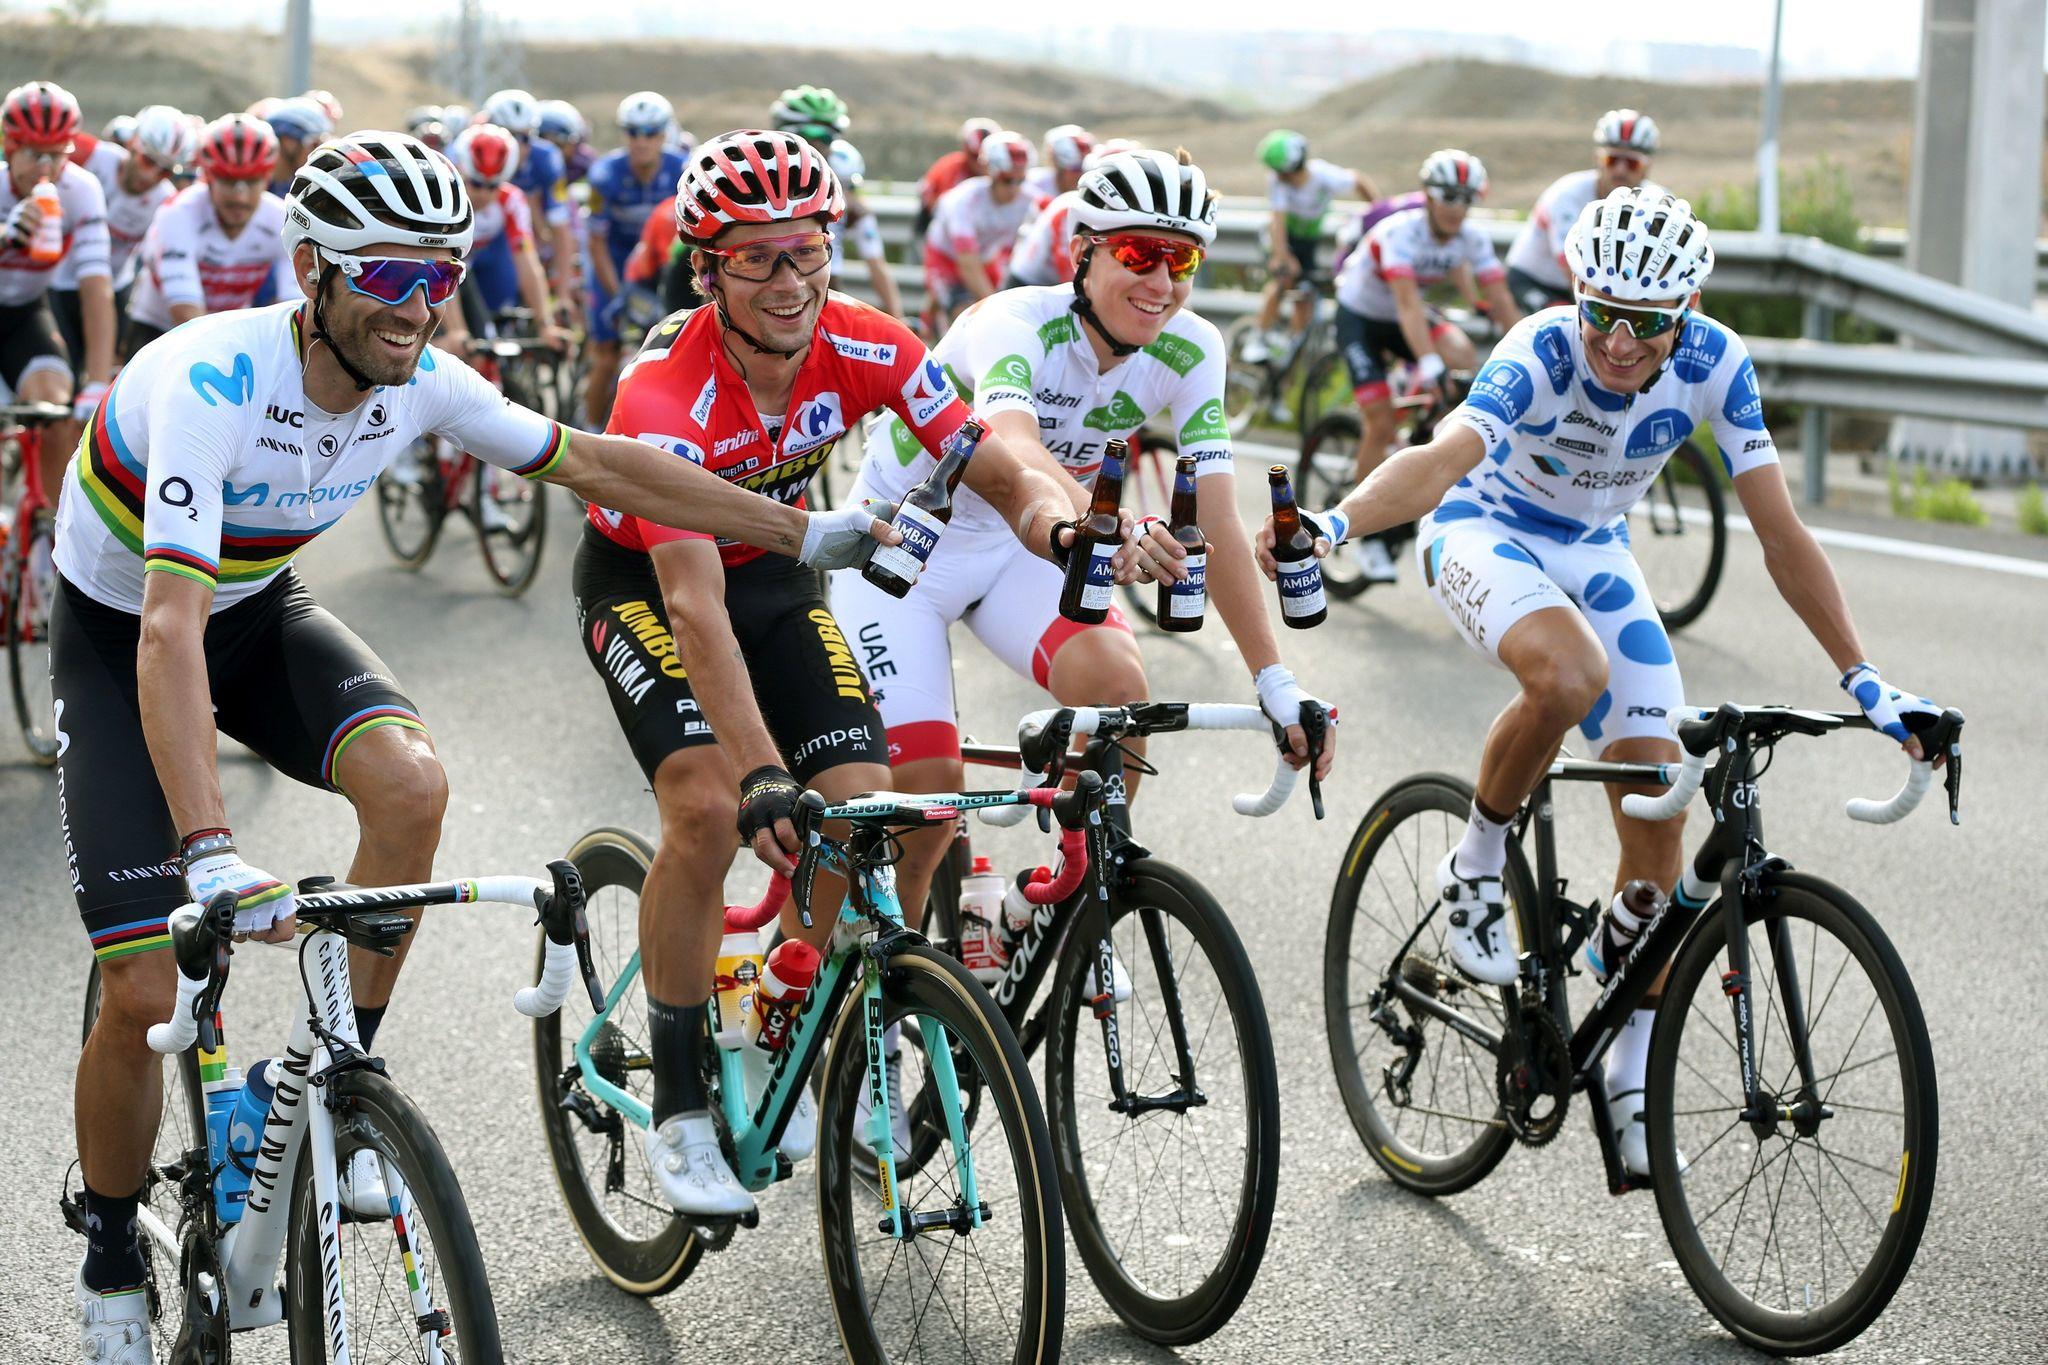 GRAF3065. MADRID, 15/09/2019.- El ciclista esloveno del equipo Jumbo-Visma, Primôz Roglic (c1), celebra junto a <HIT>Alejandro</HIT><HIT>Valverde</HIT> (i) del equipo Movistar, segundo clasificado; Tadej Pogacar (c2) del equipo UAE Emirates, tercero, y el francés Geoffrey Bouchard, del equipo AG2R Mondiale, vencedor de la montaña, tras coronarse como ganador de La Vuelta a España 2019, en la vigésimo primera y última etapa que ha salido de Fuenlabrada y con meta en Madrid, con un recorrido de 106,6 kilómetros. EFE/Javier Lizón